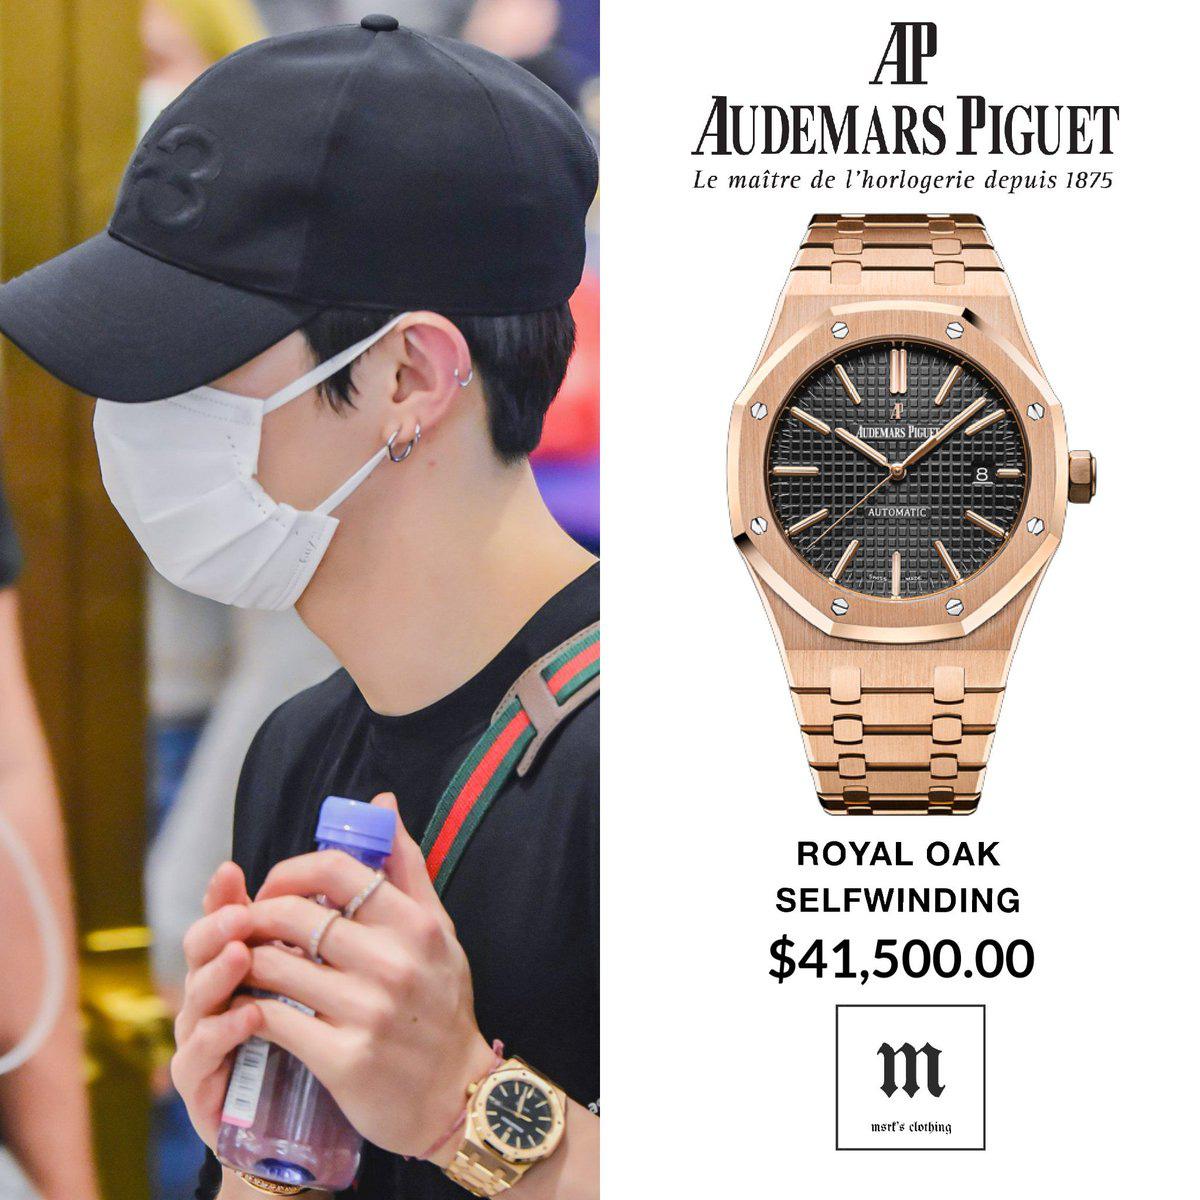 Soi cổ tay sao Hàn: Toàn đồng hồ tiền tỉ đẳng cấp - Ảnh 7.